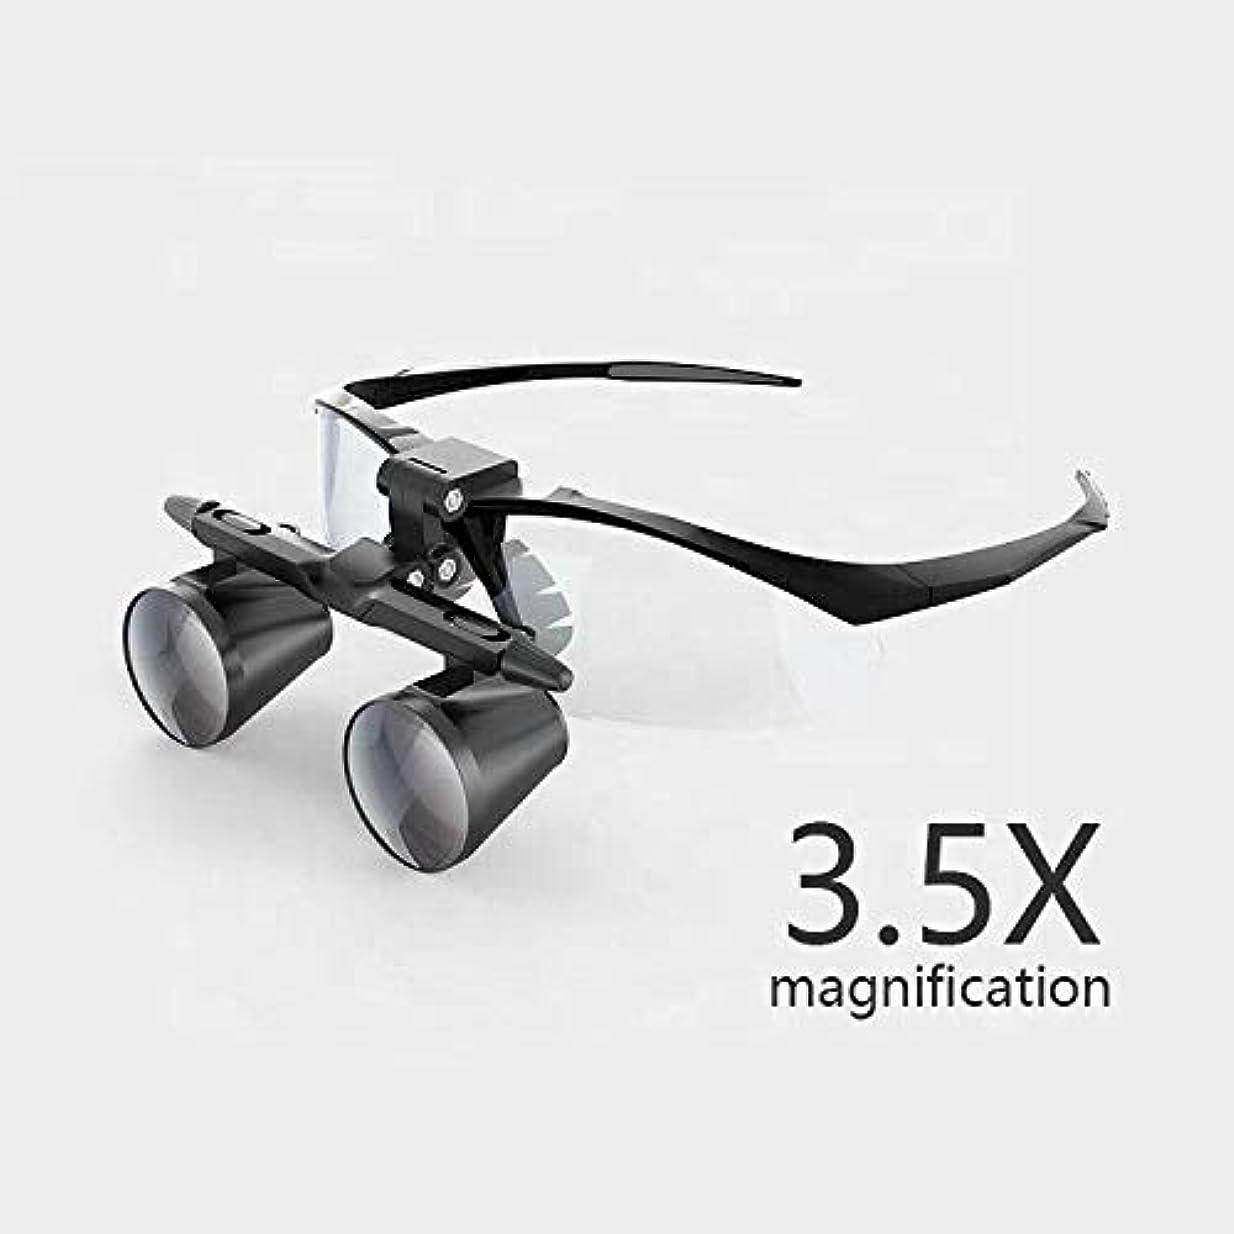 追放する解釈するモーション3.5倍拡大双眼歯科ルーペ外科手術拡大鏡付きヘッドライトledライト医療手術ルーペランプ